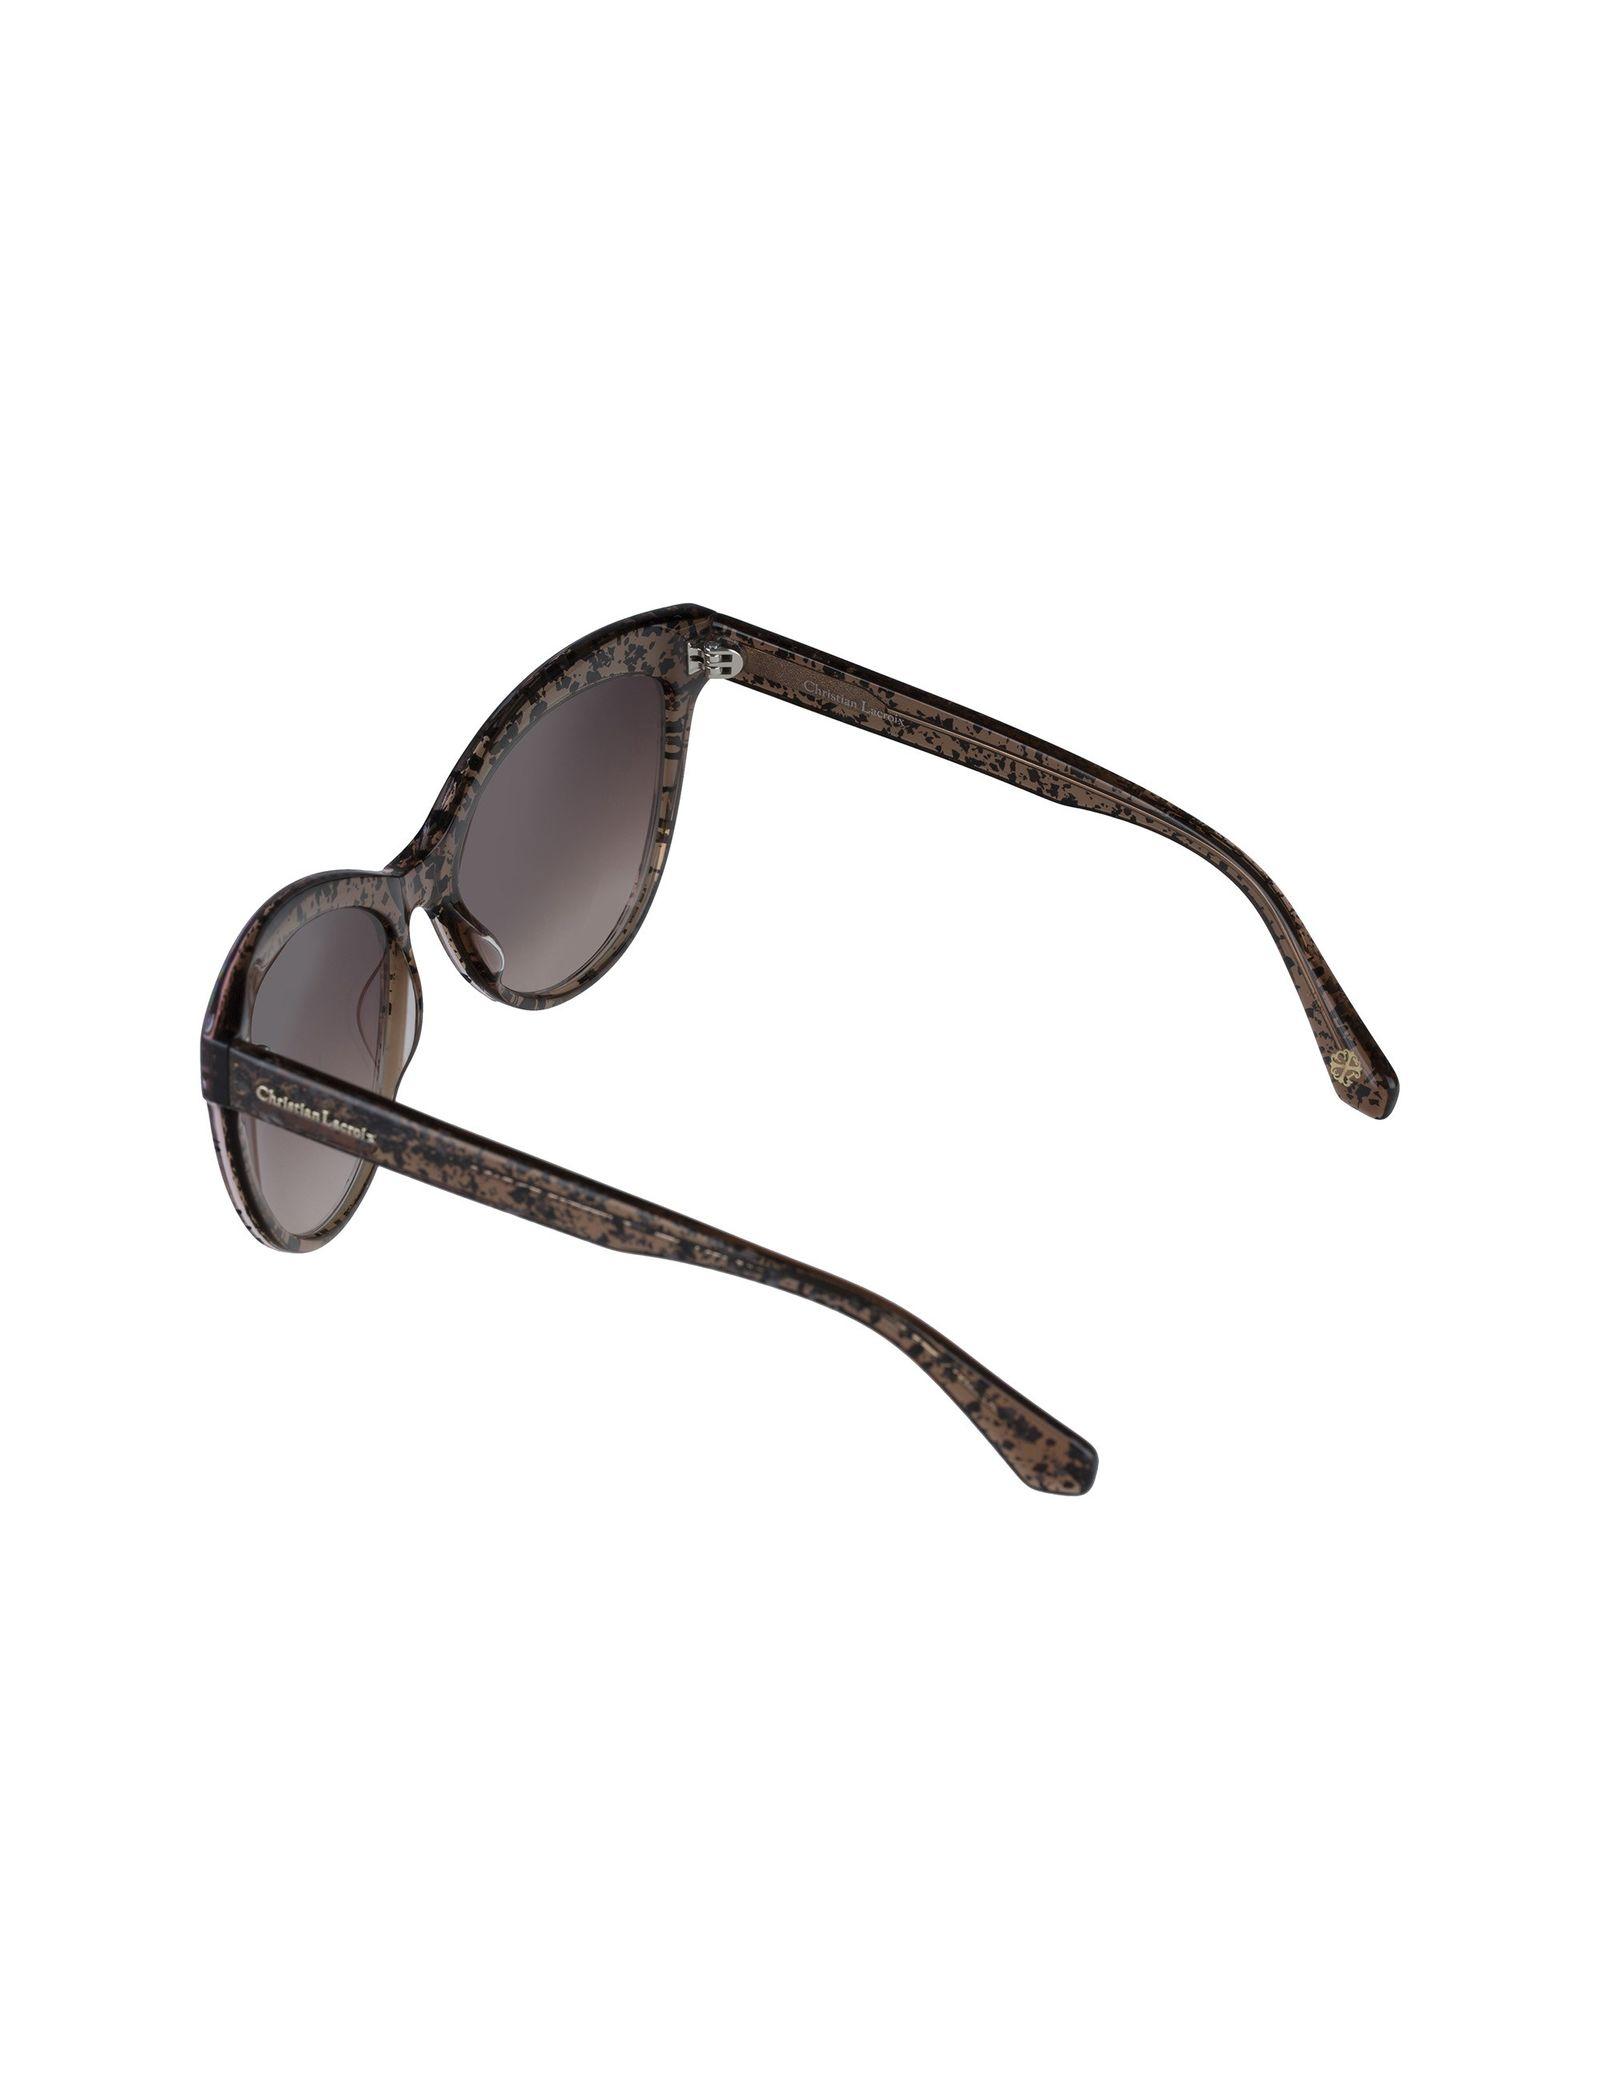 عینک آفتابی گربه ای زنانه - کریستین لاکروآ - کاراملي شفاف - 4